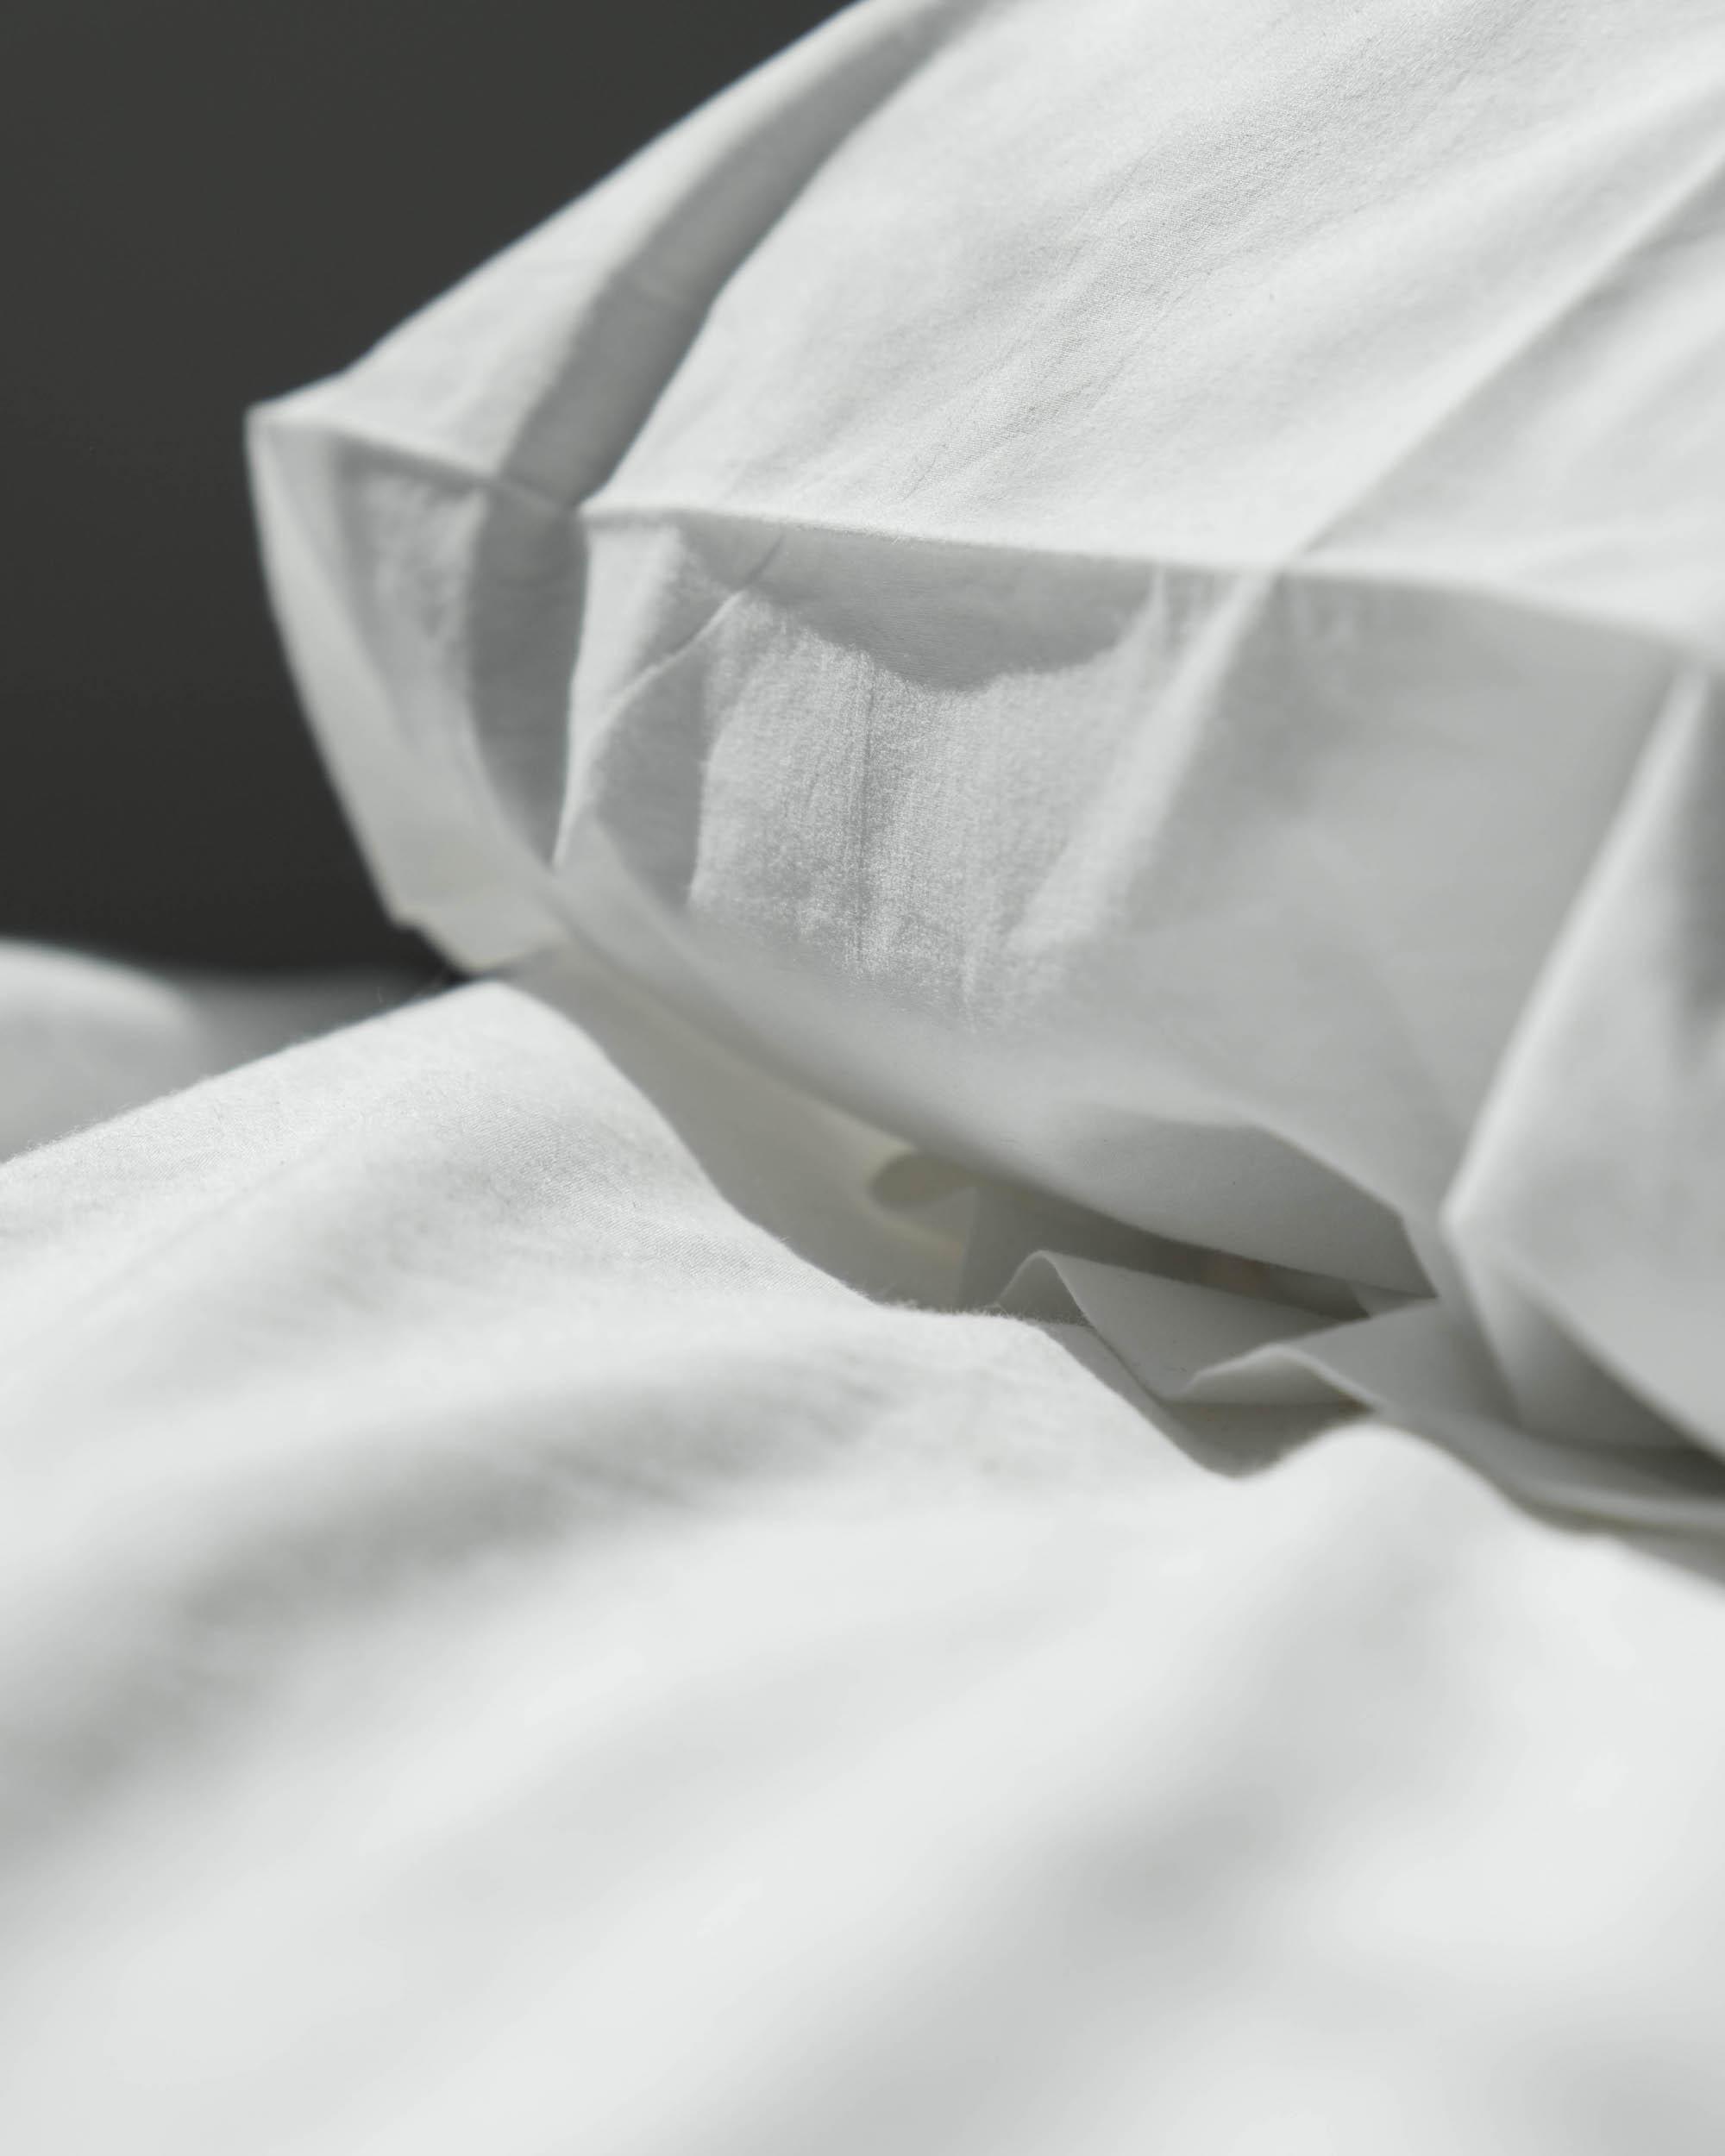 coton draps blanc